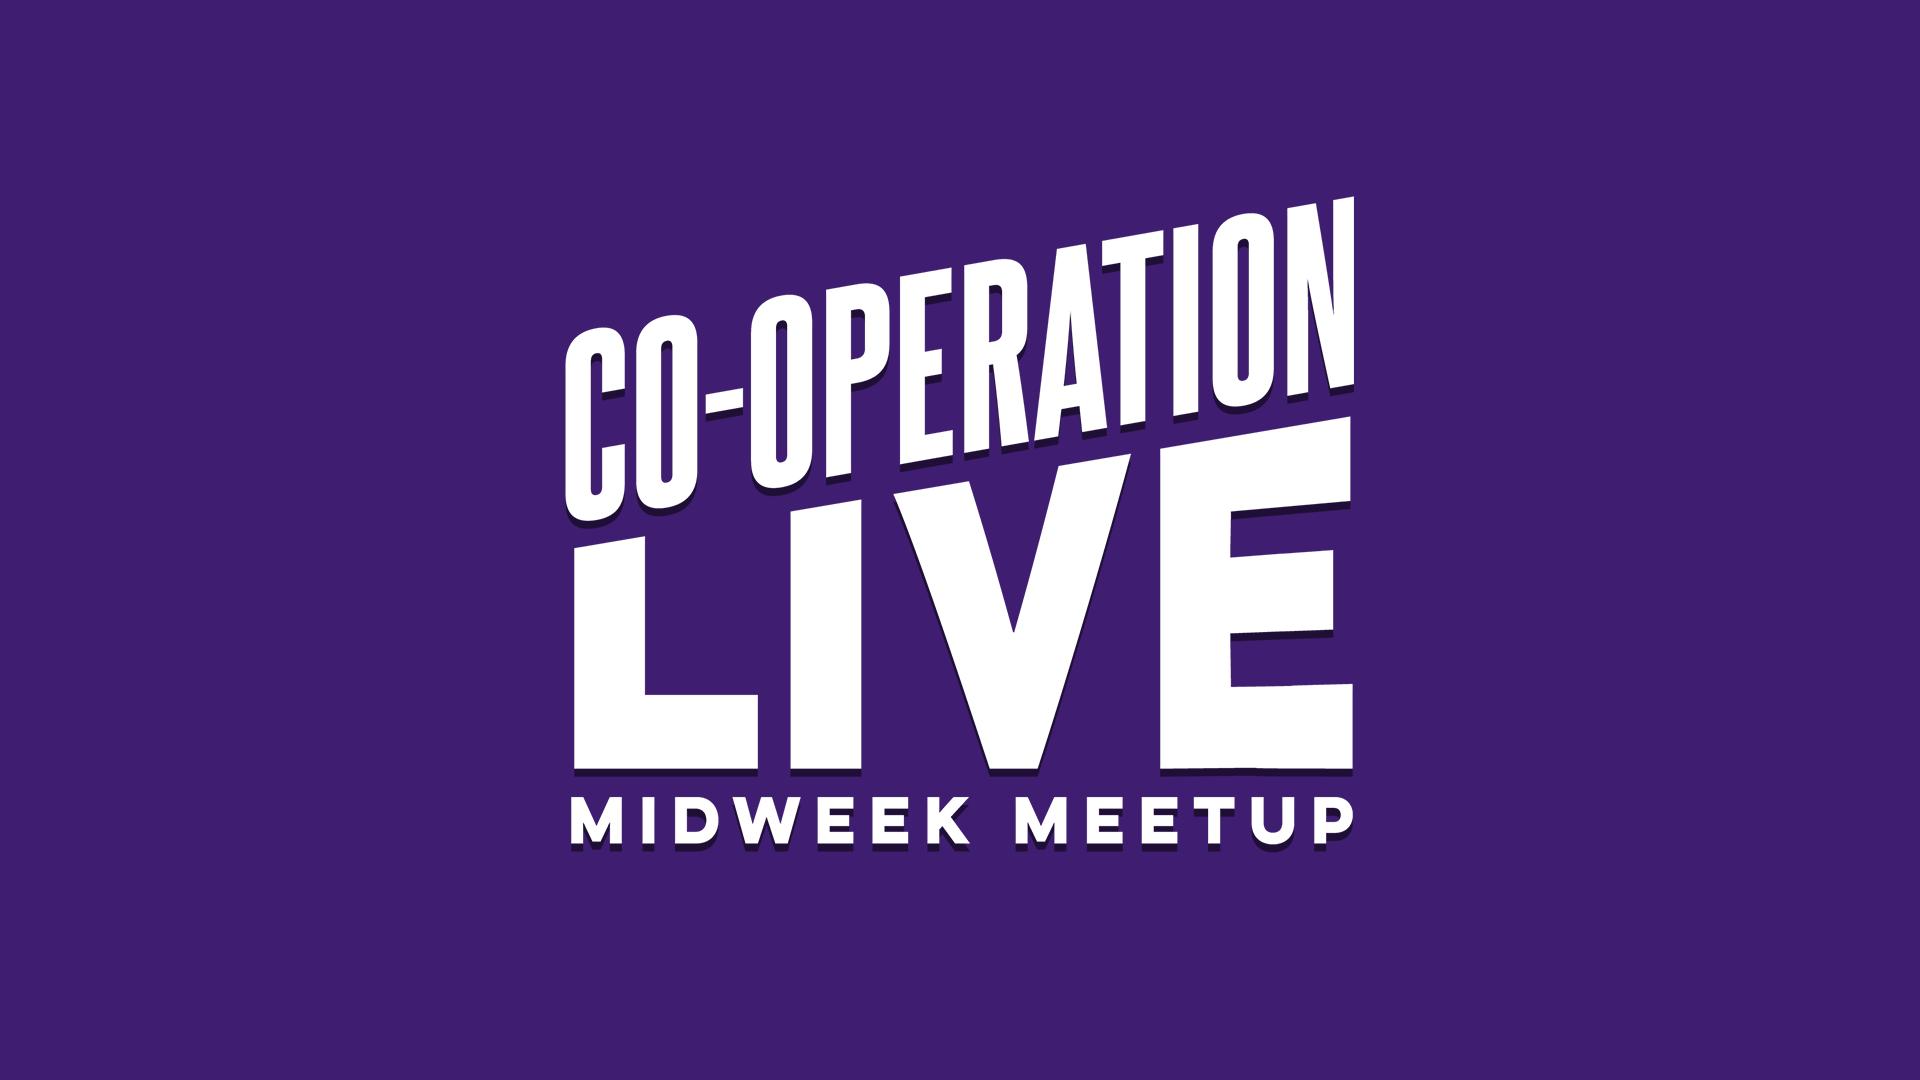 Midweek Meetup Sharer Generic